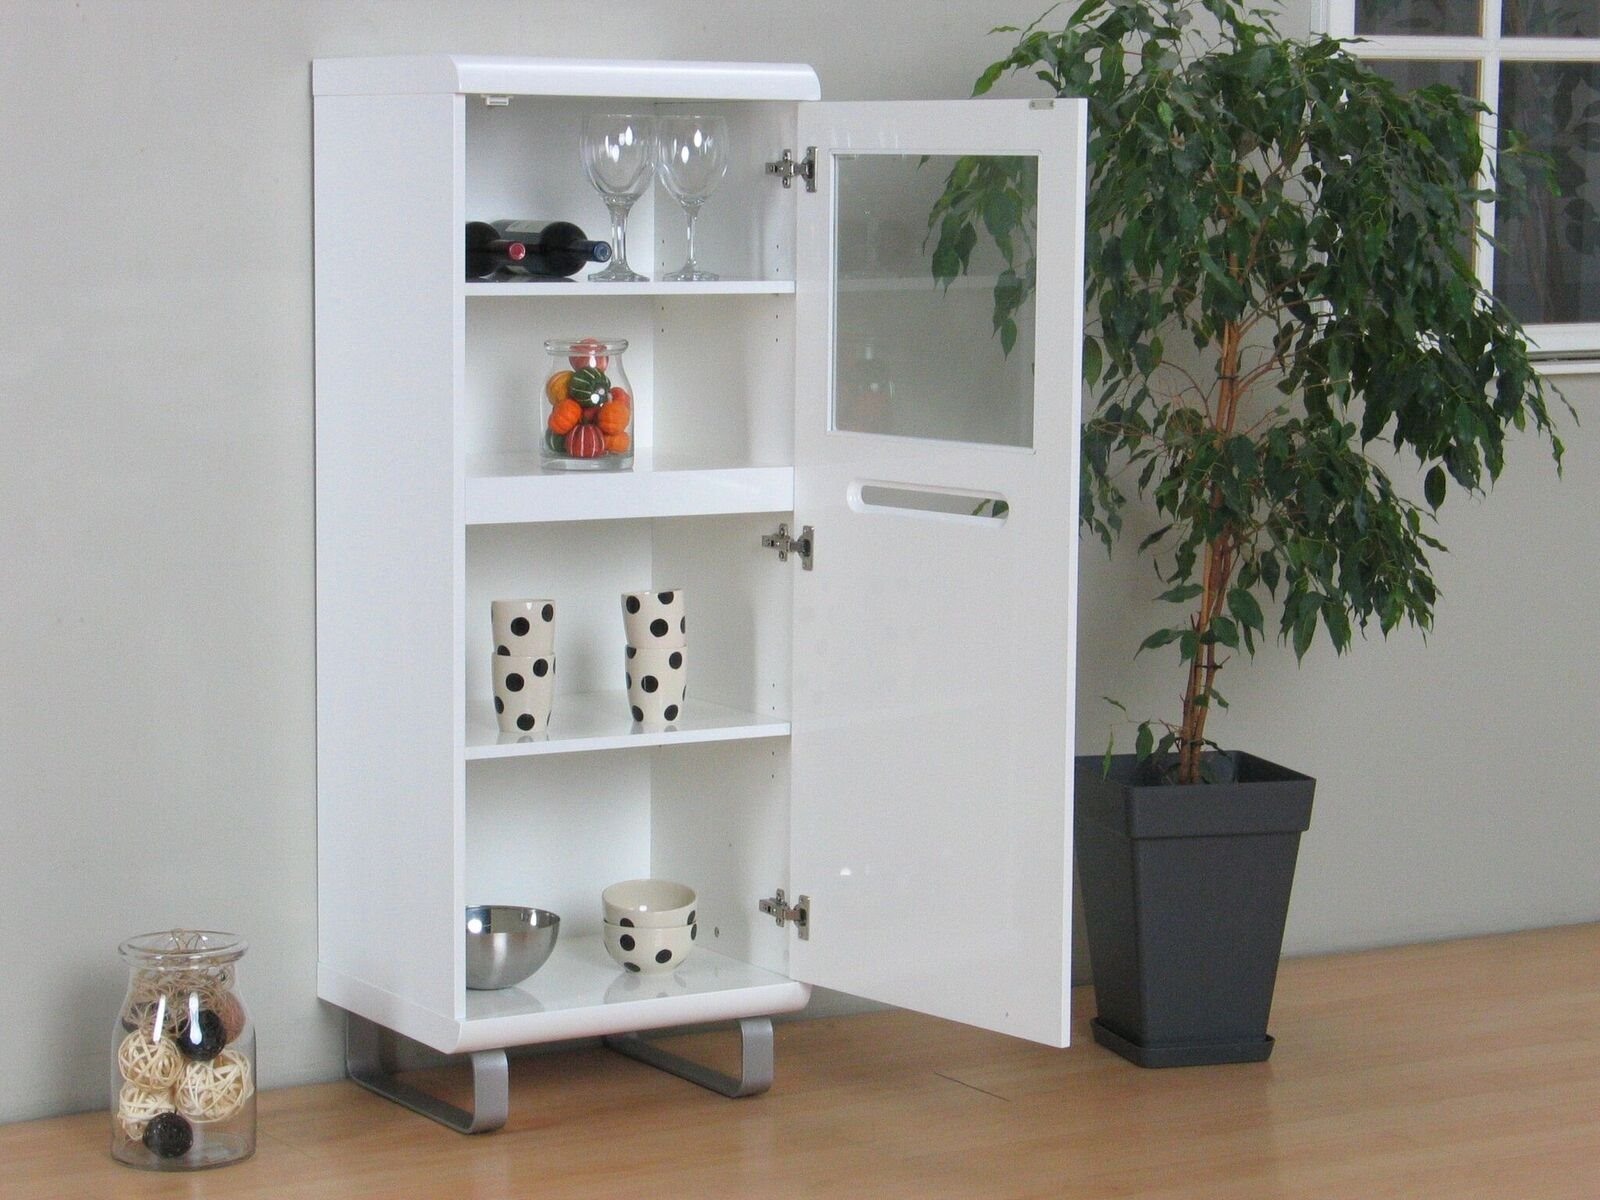 vitrine spacy hochglanz wei glas vitrinenschrank schrank standvitrine m bel wohnen wohnzimmer. Black Bedroom Furniture Sets. Home Design Ideas